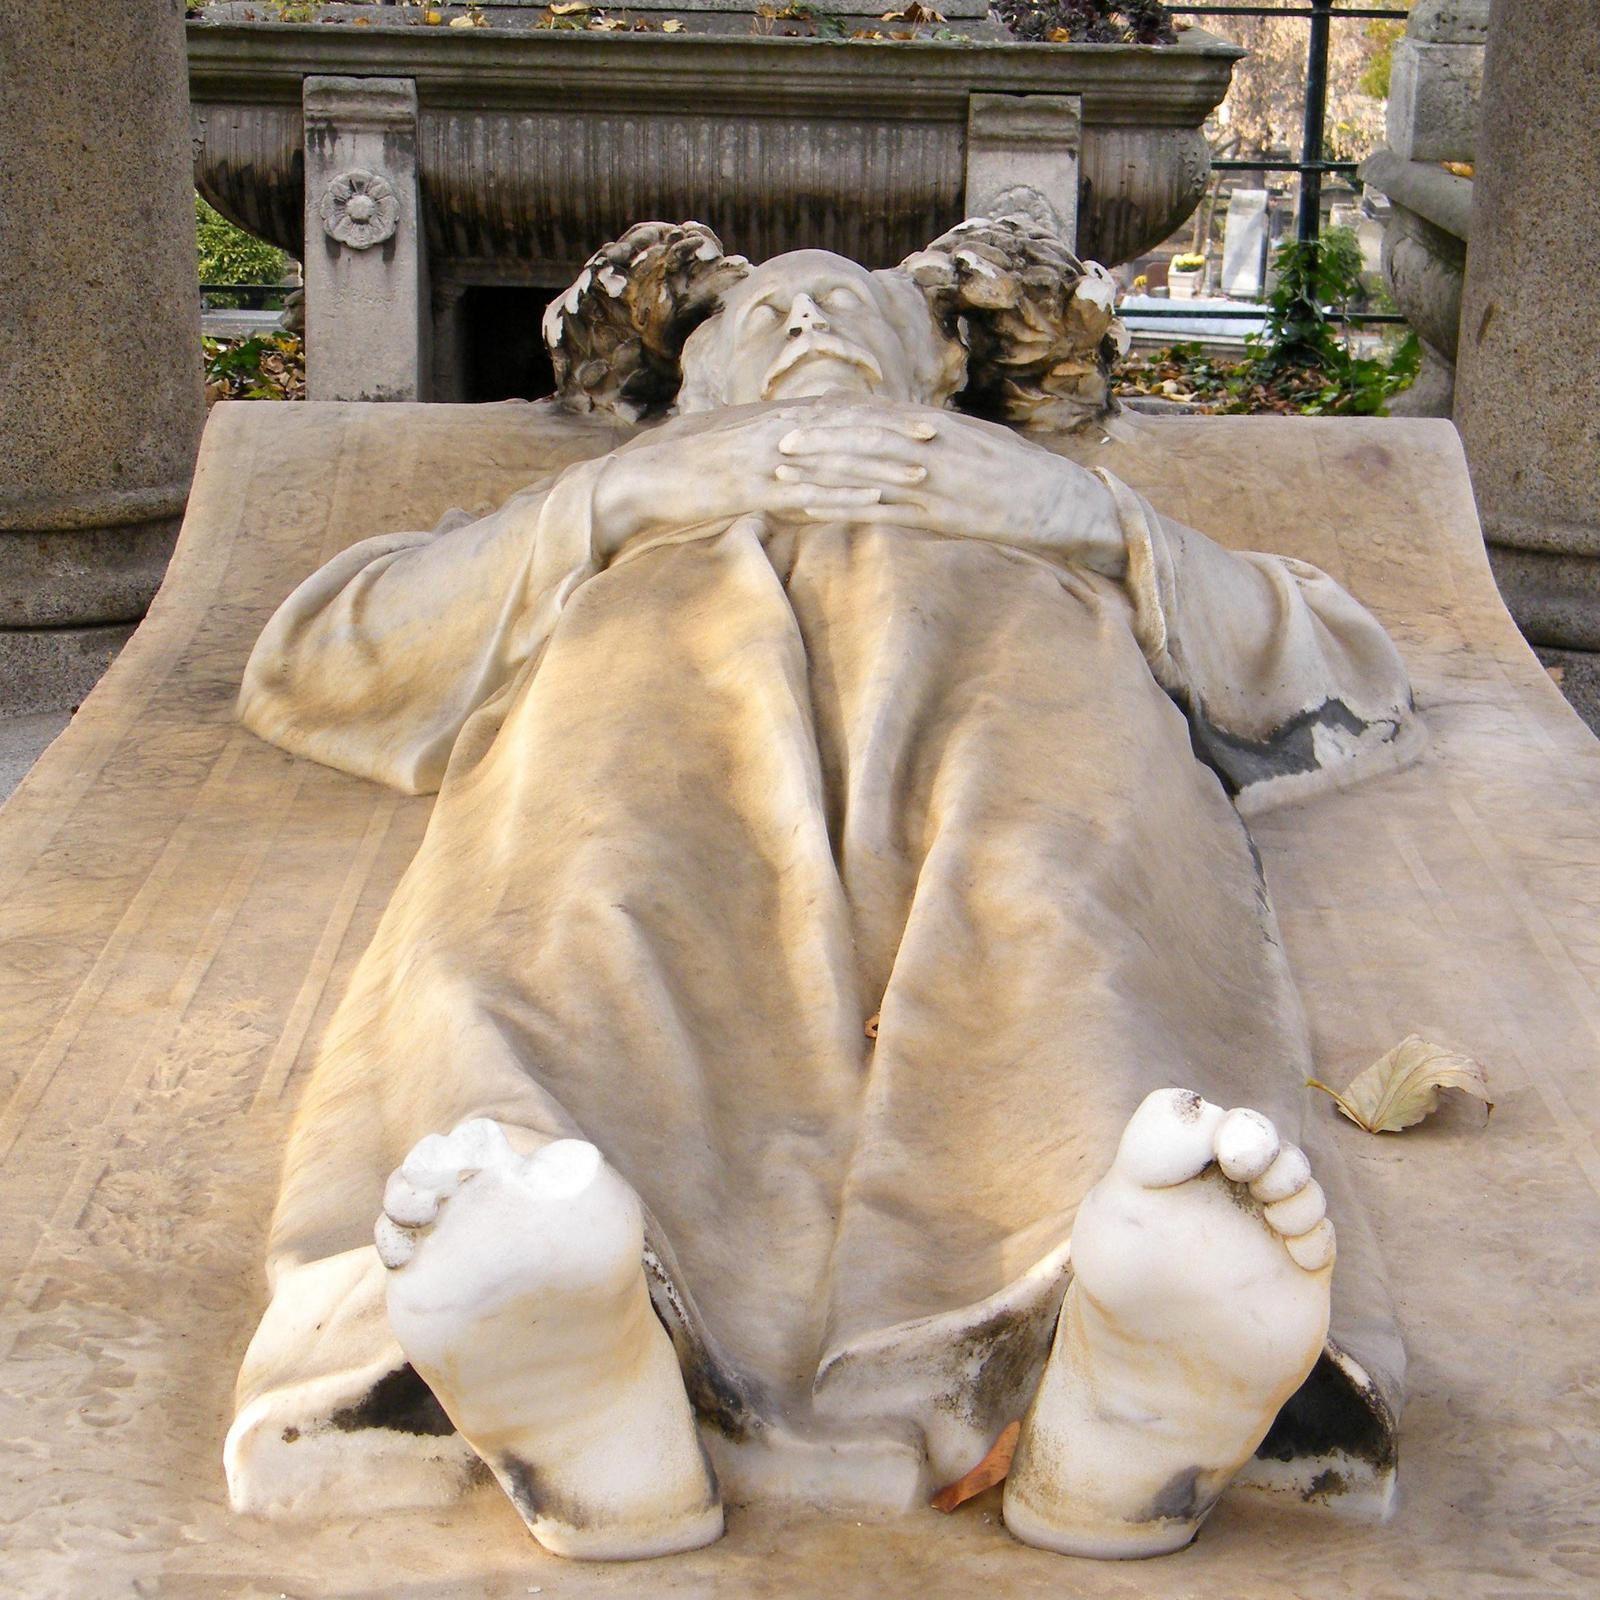 Sous les pieds d'Alexandre dont les admirateurs ont arraché quelques doigts, une plaque rappelle la présence de sa dernière femme, Henriette Escalier (Régnier) morte en 1915.